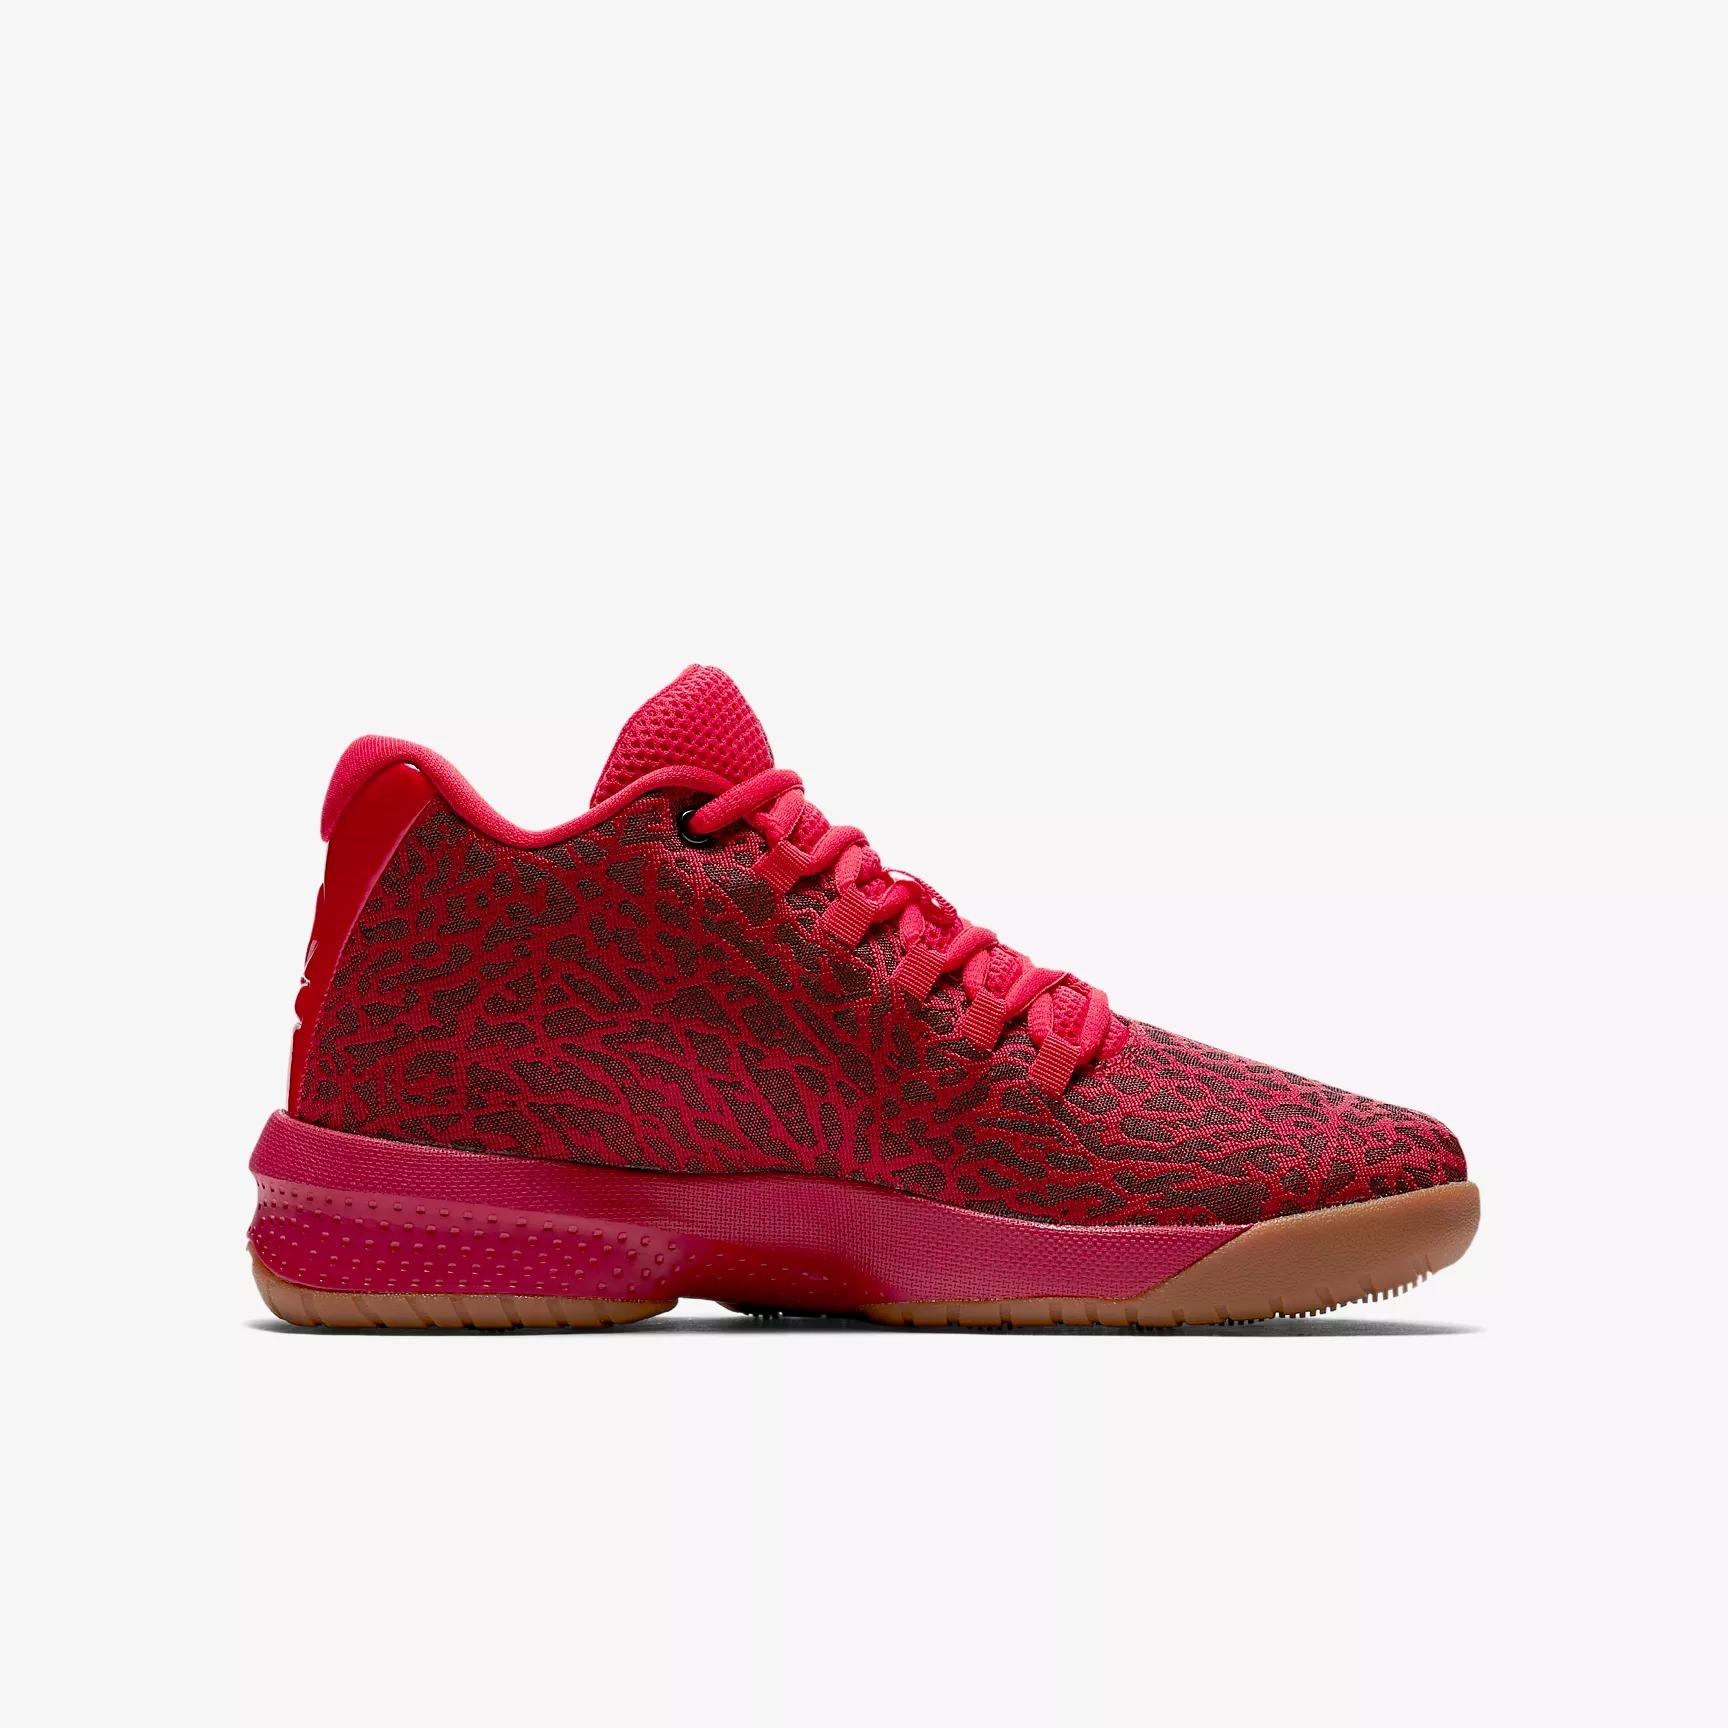 jordan b fly bg basketball shoes basketball shoes for kids. Black Bedroom Furniture Sets. Home Design Ideas